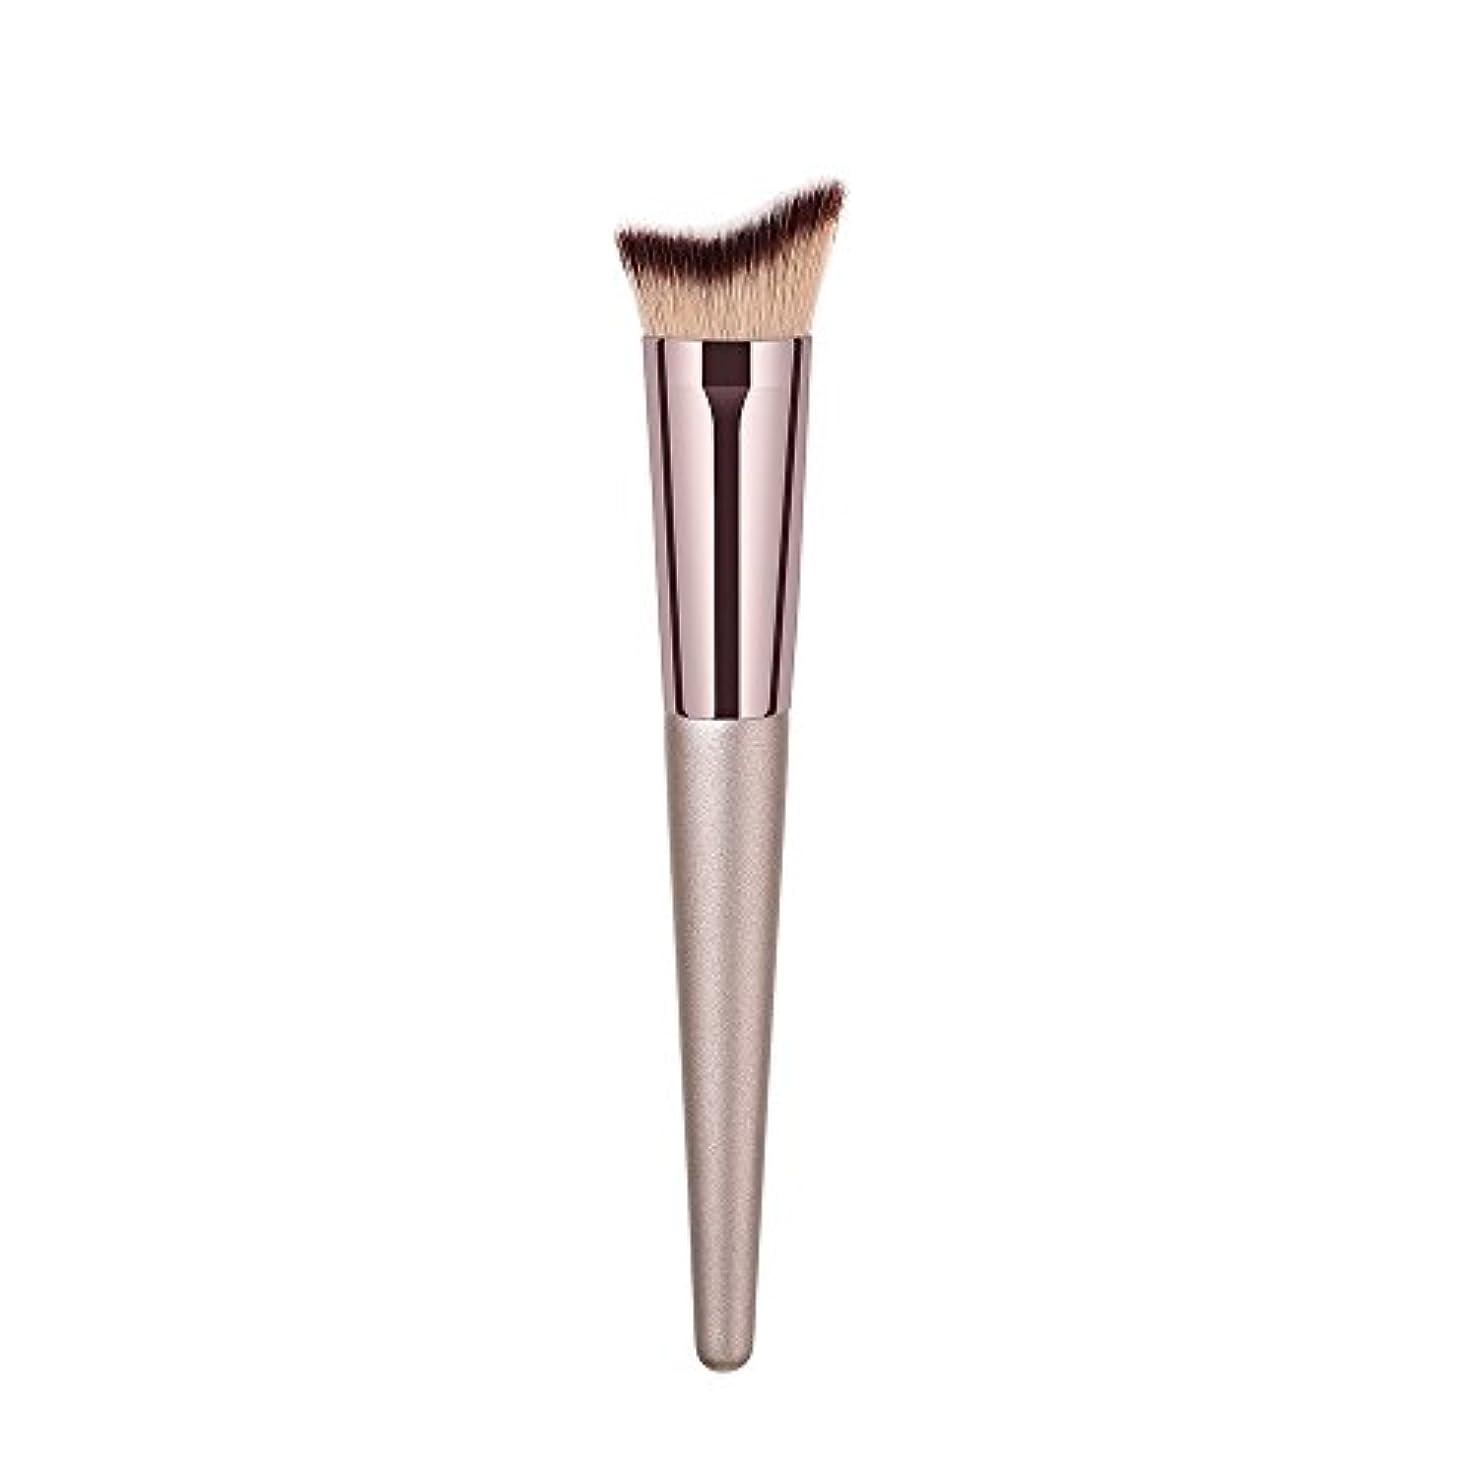 笑え熊 化粧筆 化粧品 ZZ-10-A-1 スポンジ タクロン ブラシ チーク ファンデーションブラシ フェイスブラシ 高級毛質